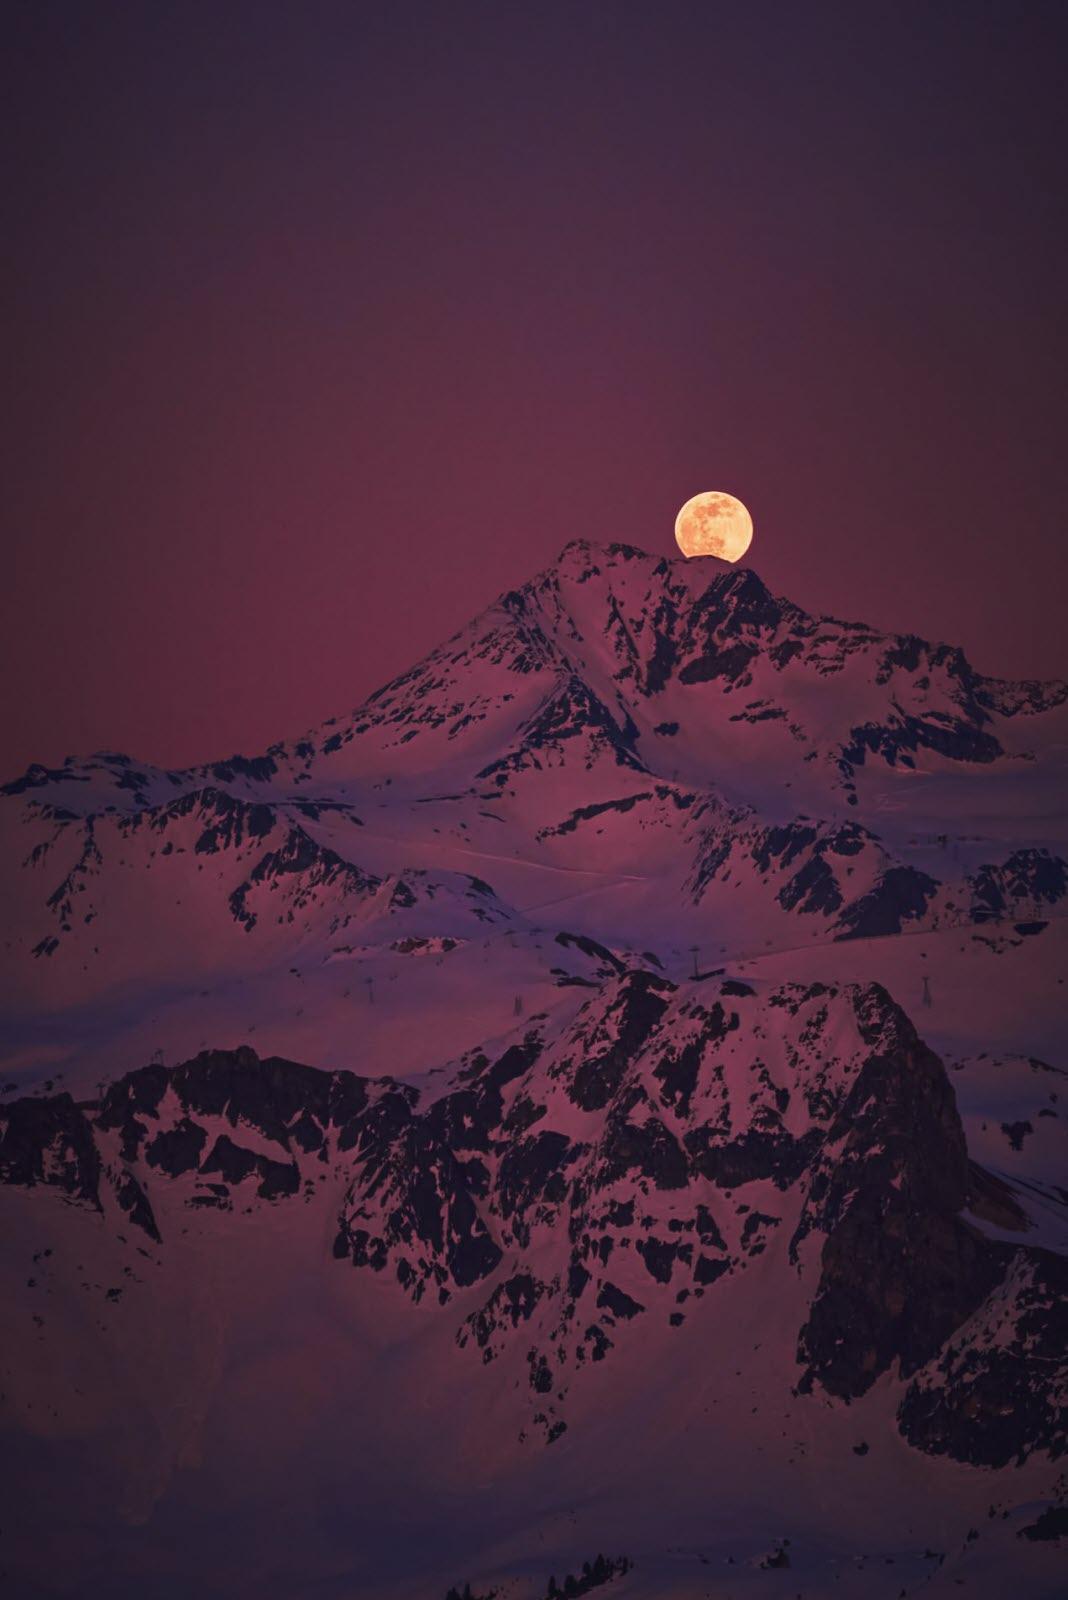 Tour Du Lac D'annecy Au Clair De Lune : d'annecy, clair, Savoie., Super, Regardez